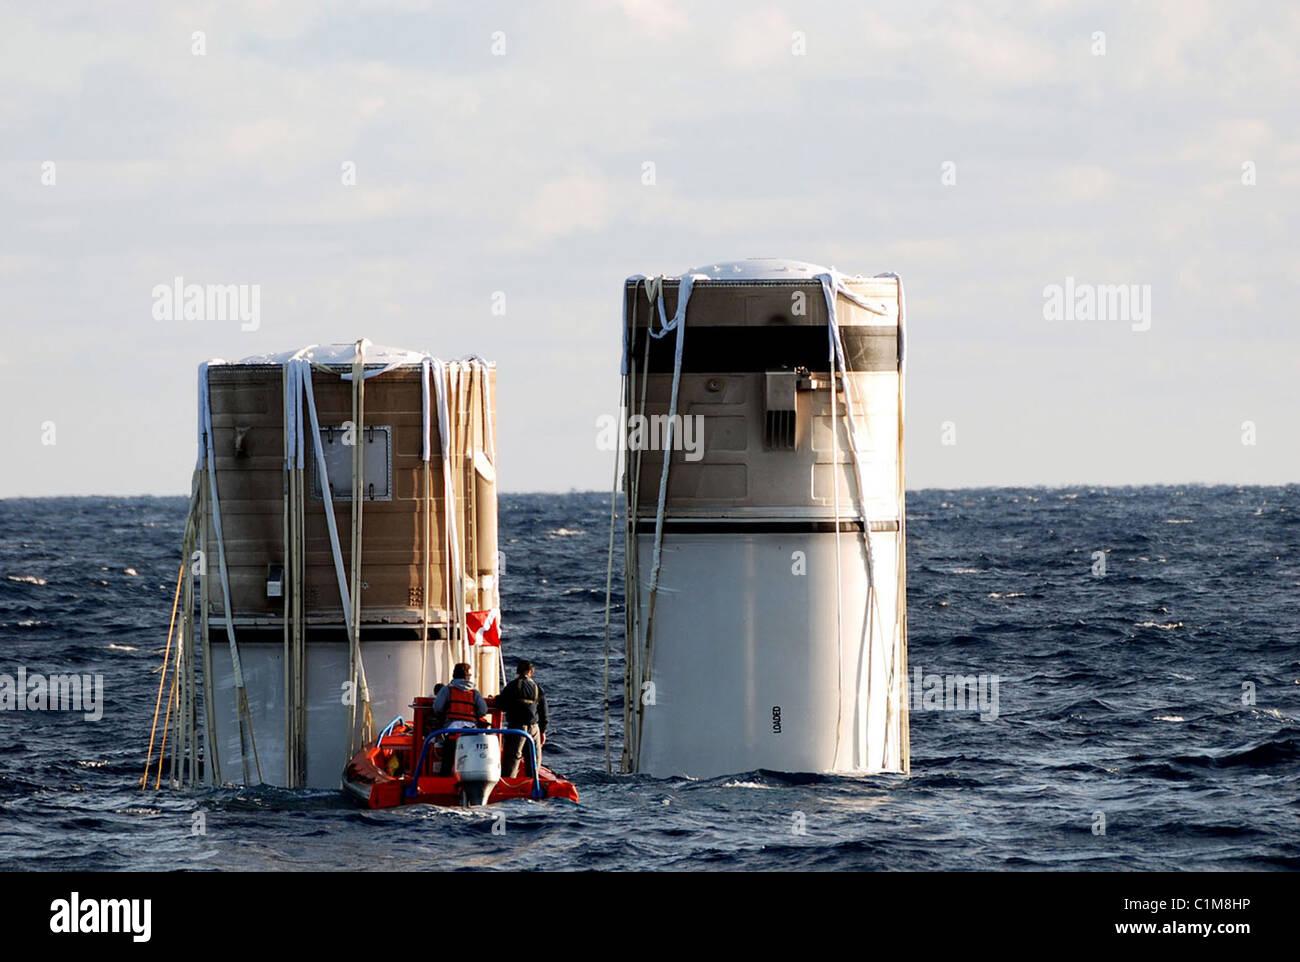 Space Shuttle solid rocket boosters essendo recuperati dall'Oceano Atlantico Immagini Stock